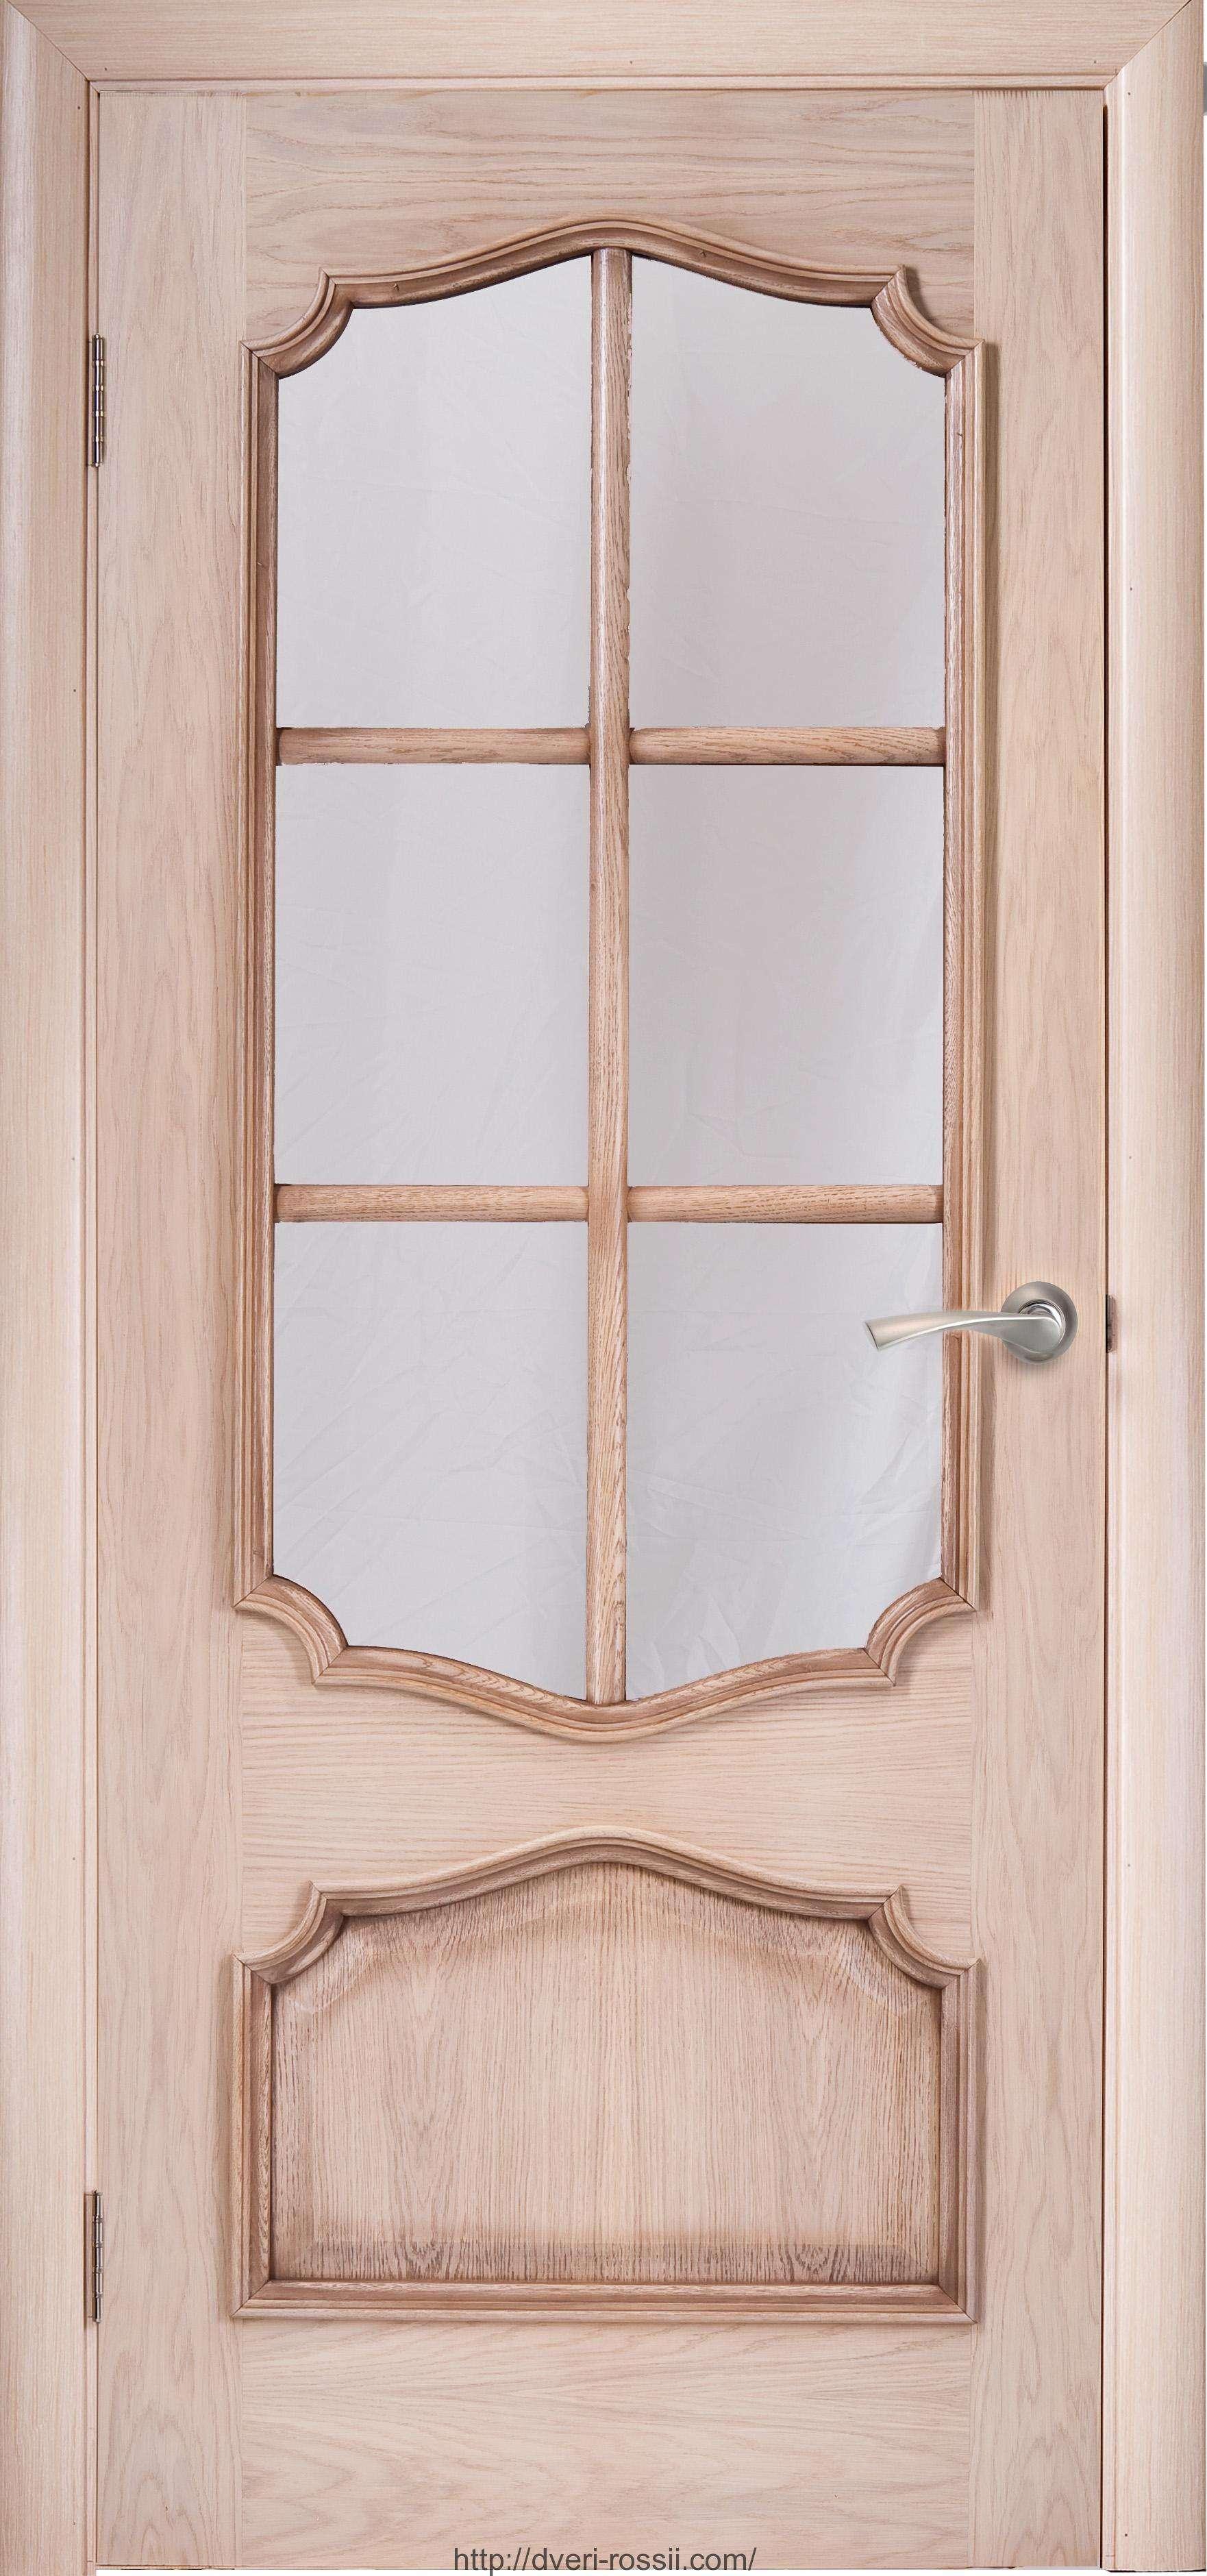 Купить двери Александрия в Днепропетровске